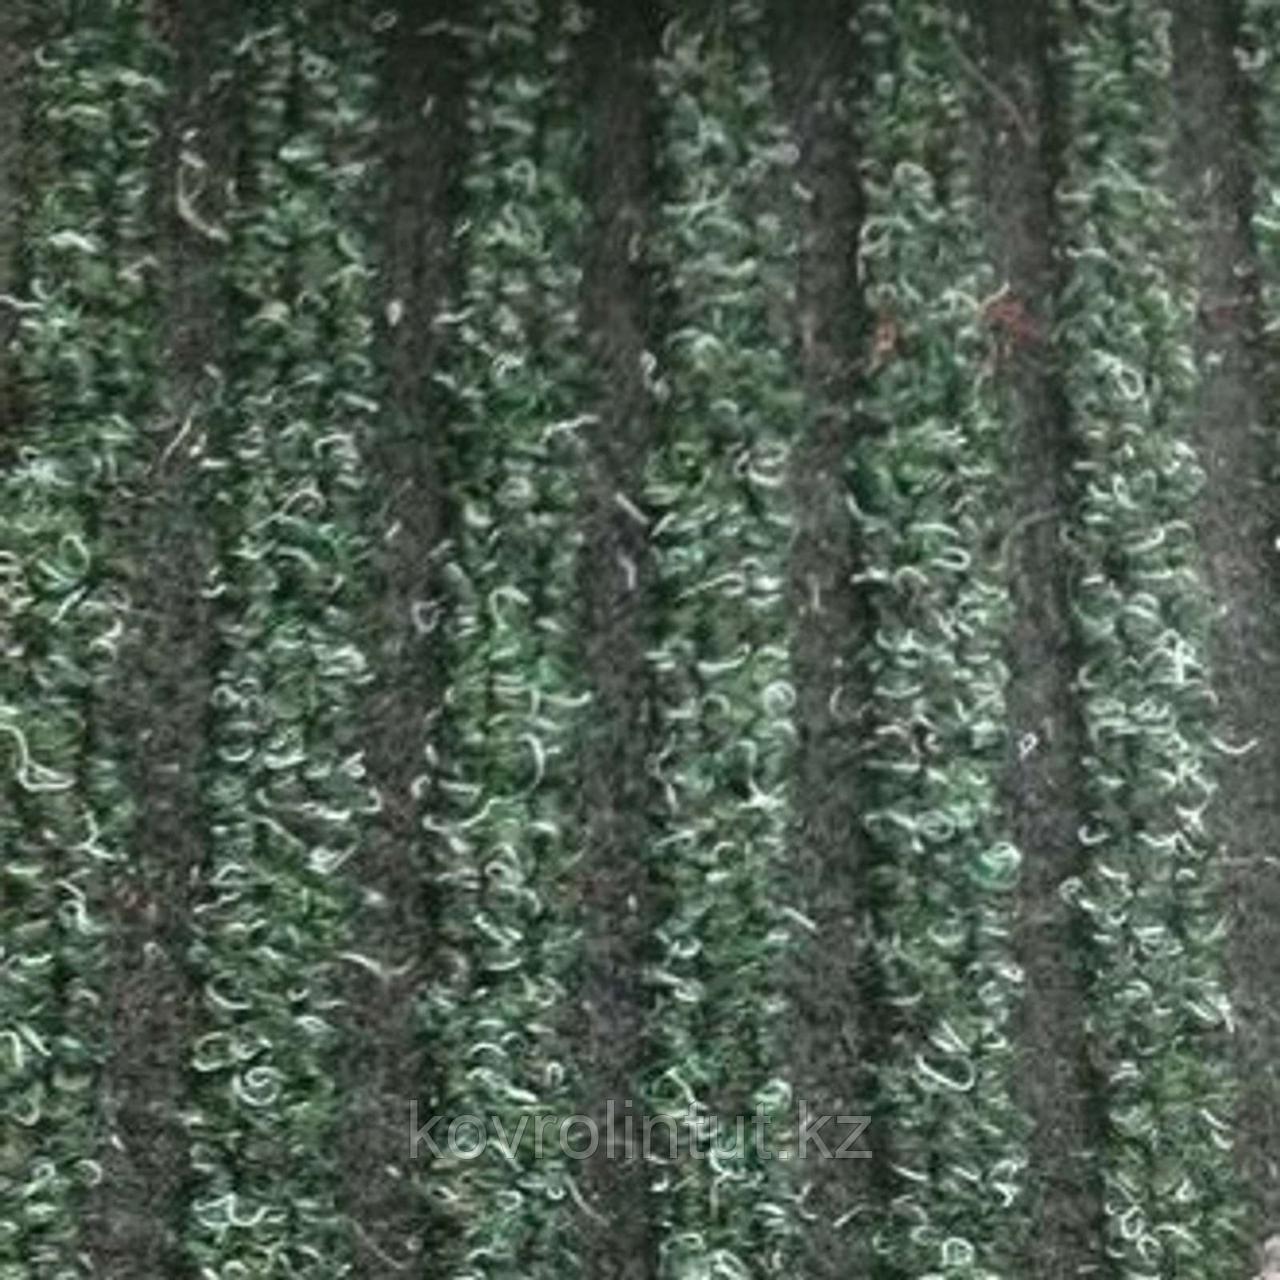 Дорожка грязезащитная Sheffield 29 PD 1М, зеленый